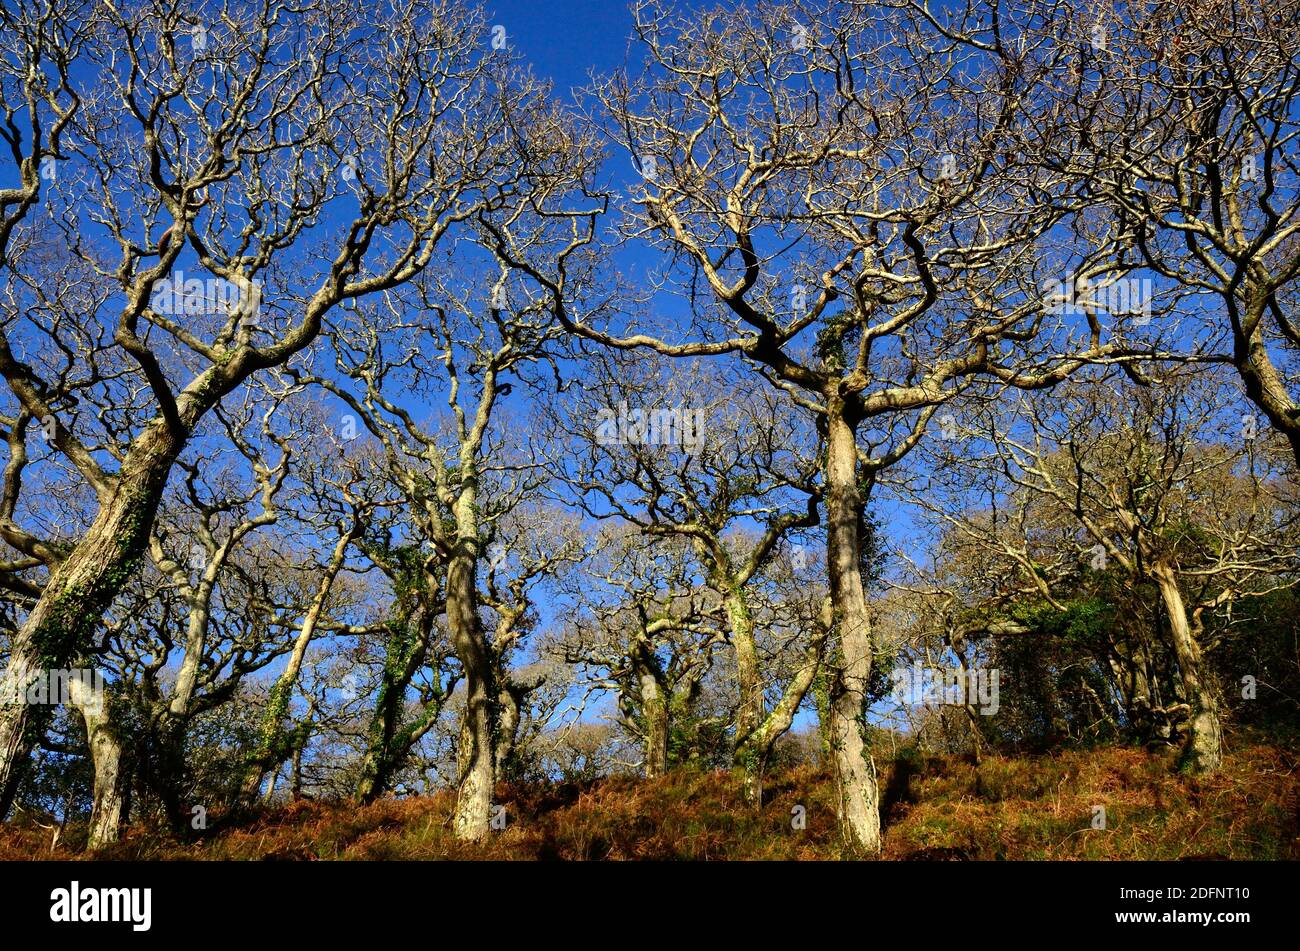 Torcidos robles de invierno en un antiguo bosque galés Lawrenny Antiguo Roble Woodland Pembrokeshire Wales Cymru Reino Unido Foto de stock